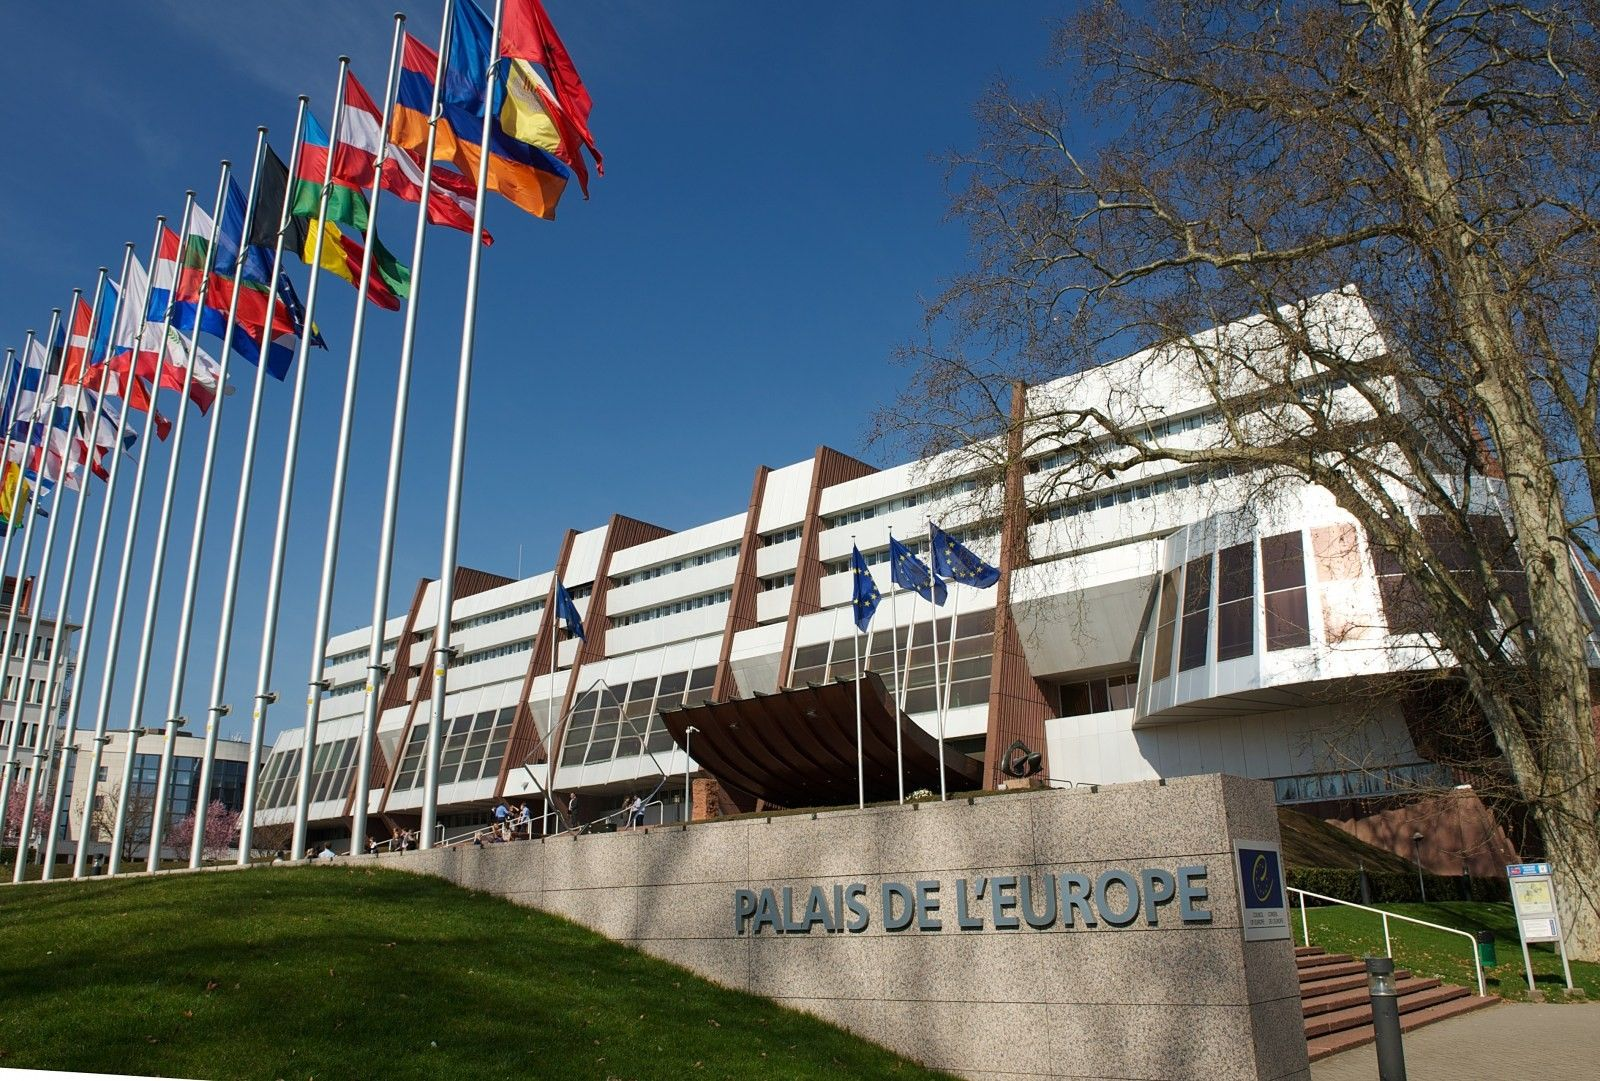 ПАСЕ утвердила решение оснятии политических санкций с Российской Федерации